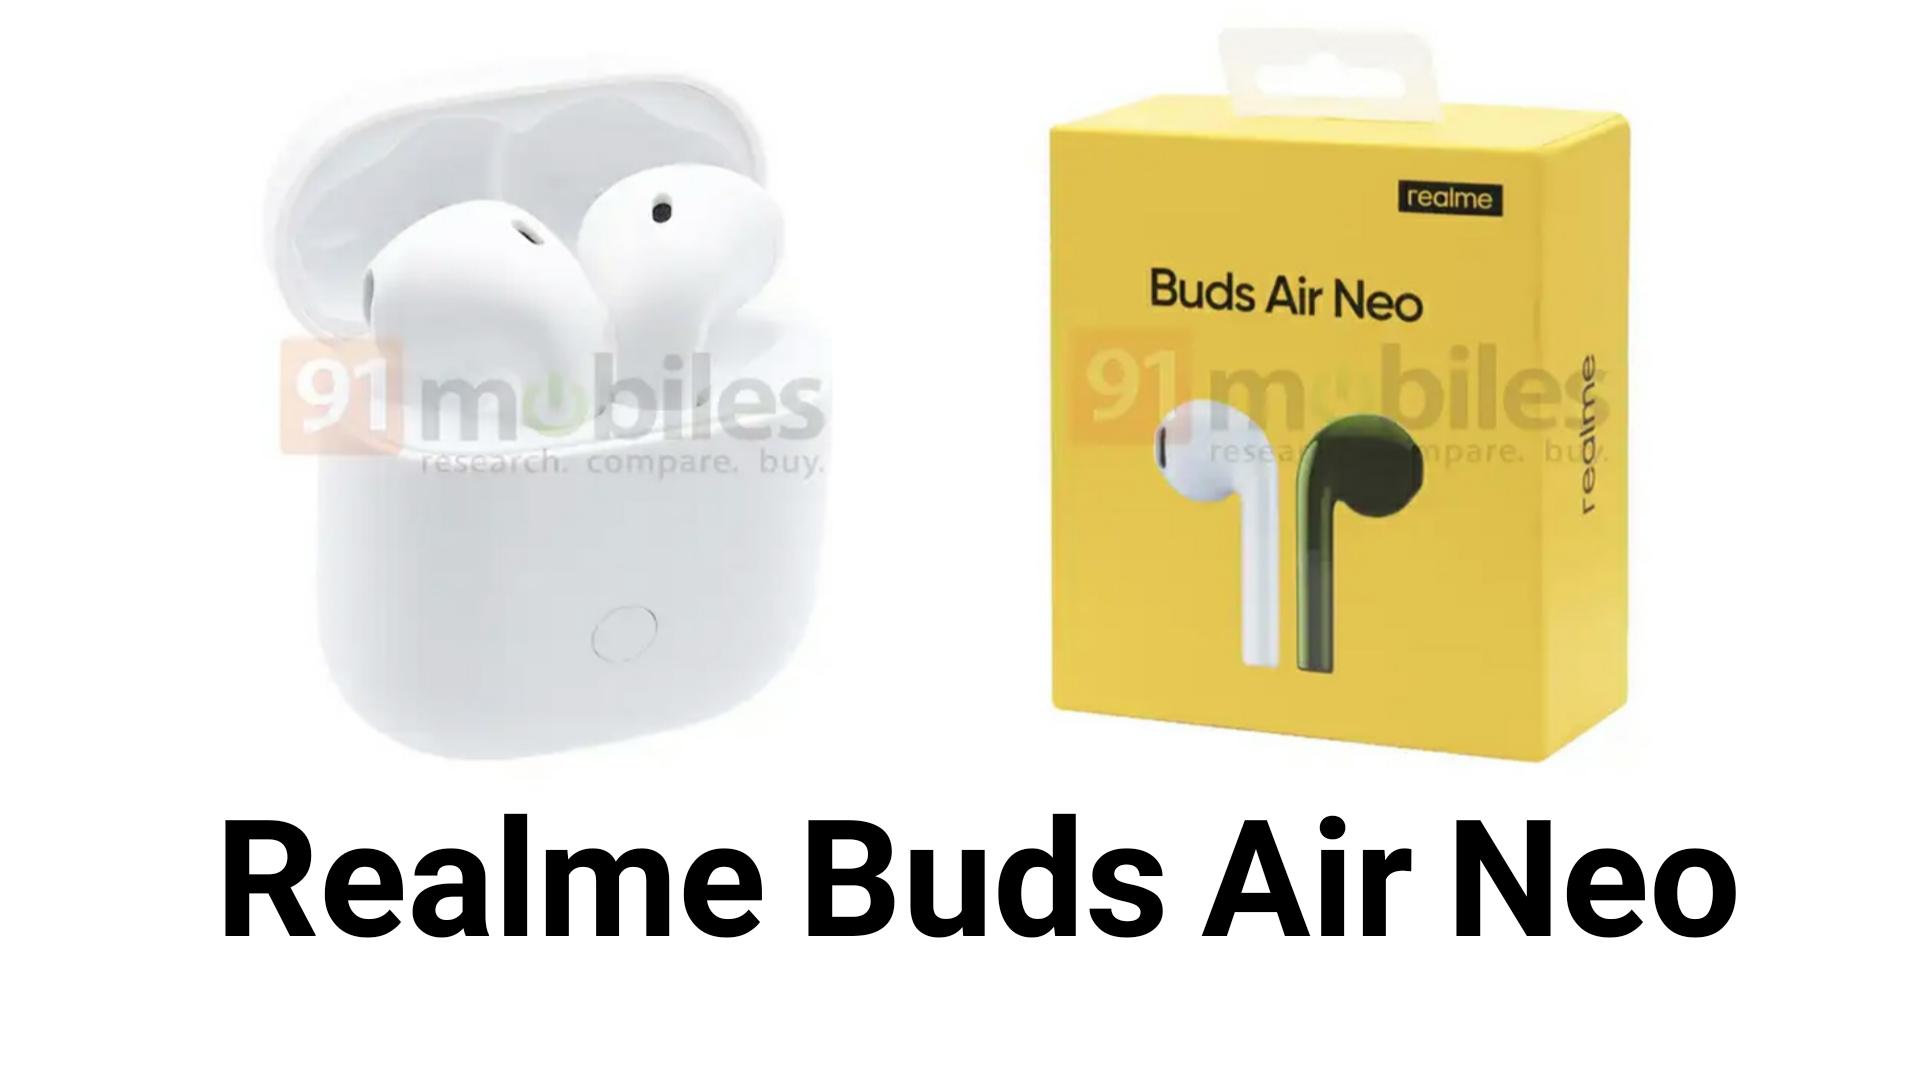 تسريب صور سماعة Realme Buds Air Neo الأذن الاسلكية ! شحنها يدوم لمدة 17 ساعة !